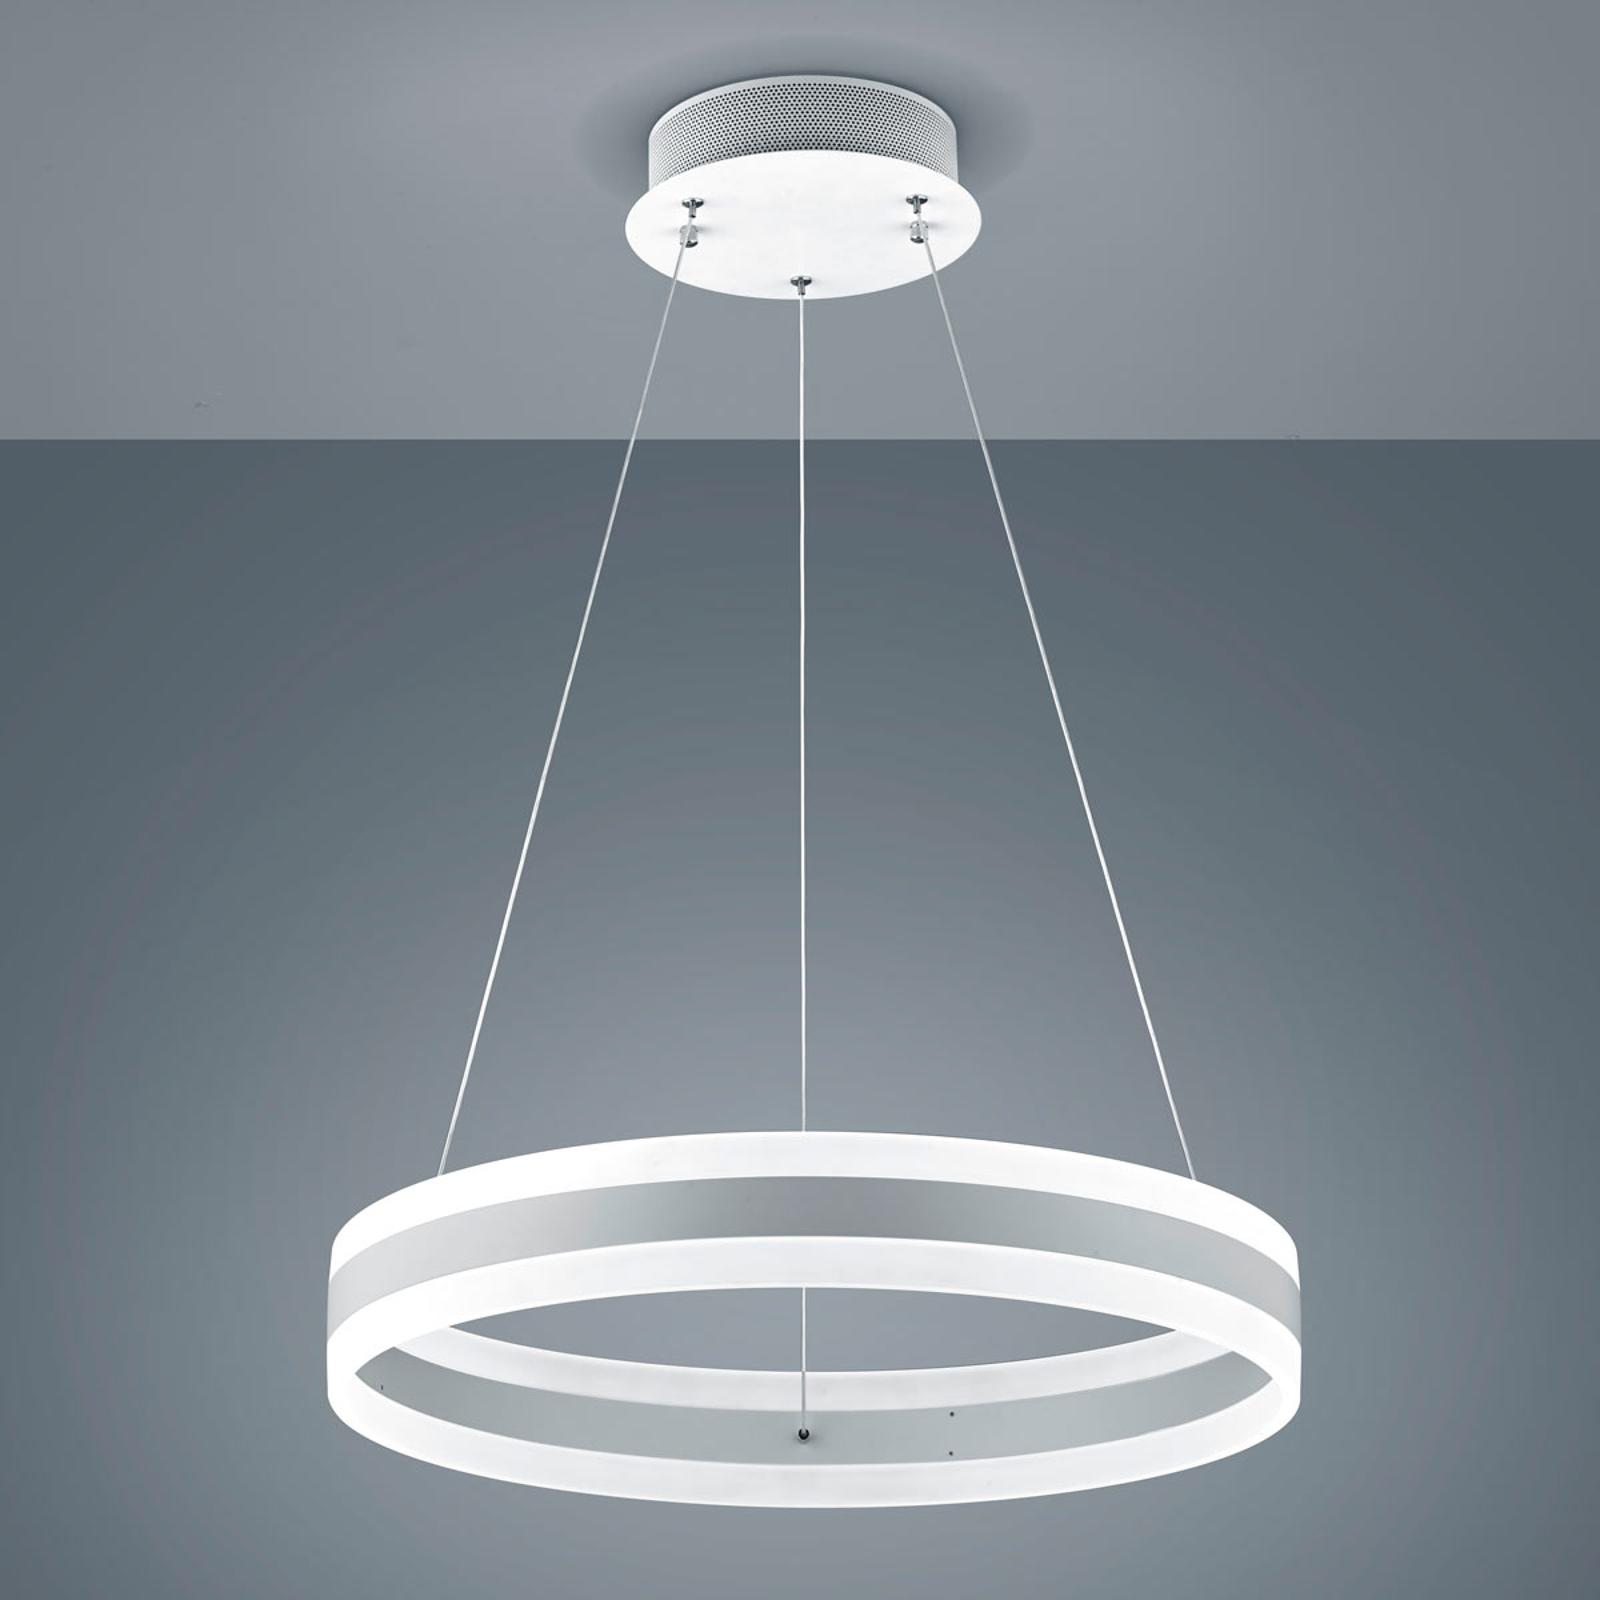 Produktové foto Helestra Helestra Liv – závěsné LED světlo, bílý mat, 60 cm